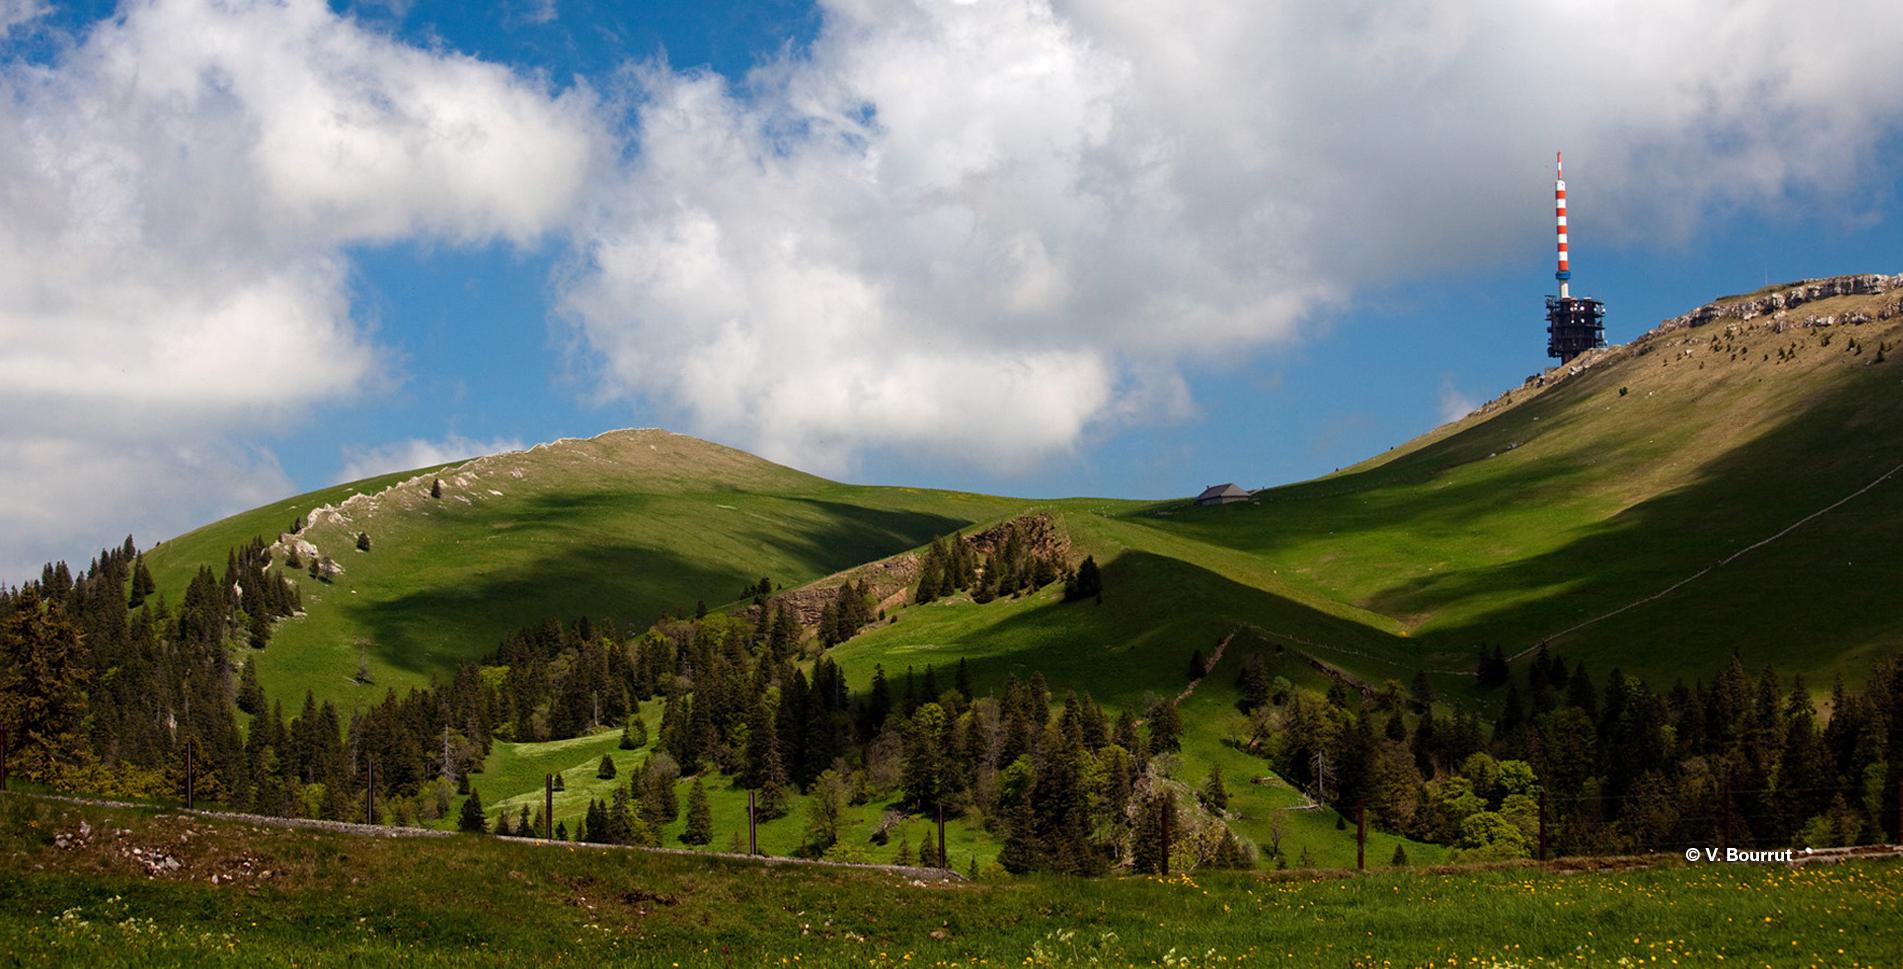 Wanderung auf dem Jura Höhenweg, der Jurakette, von Frinvillier auf den Chasseral